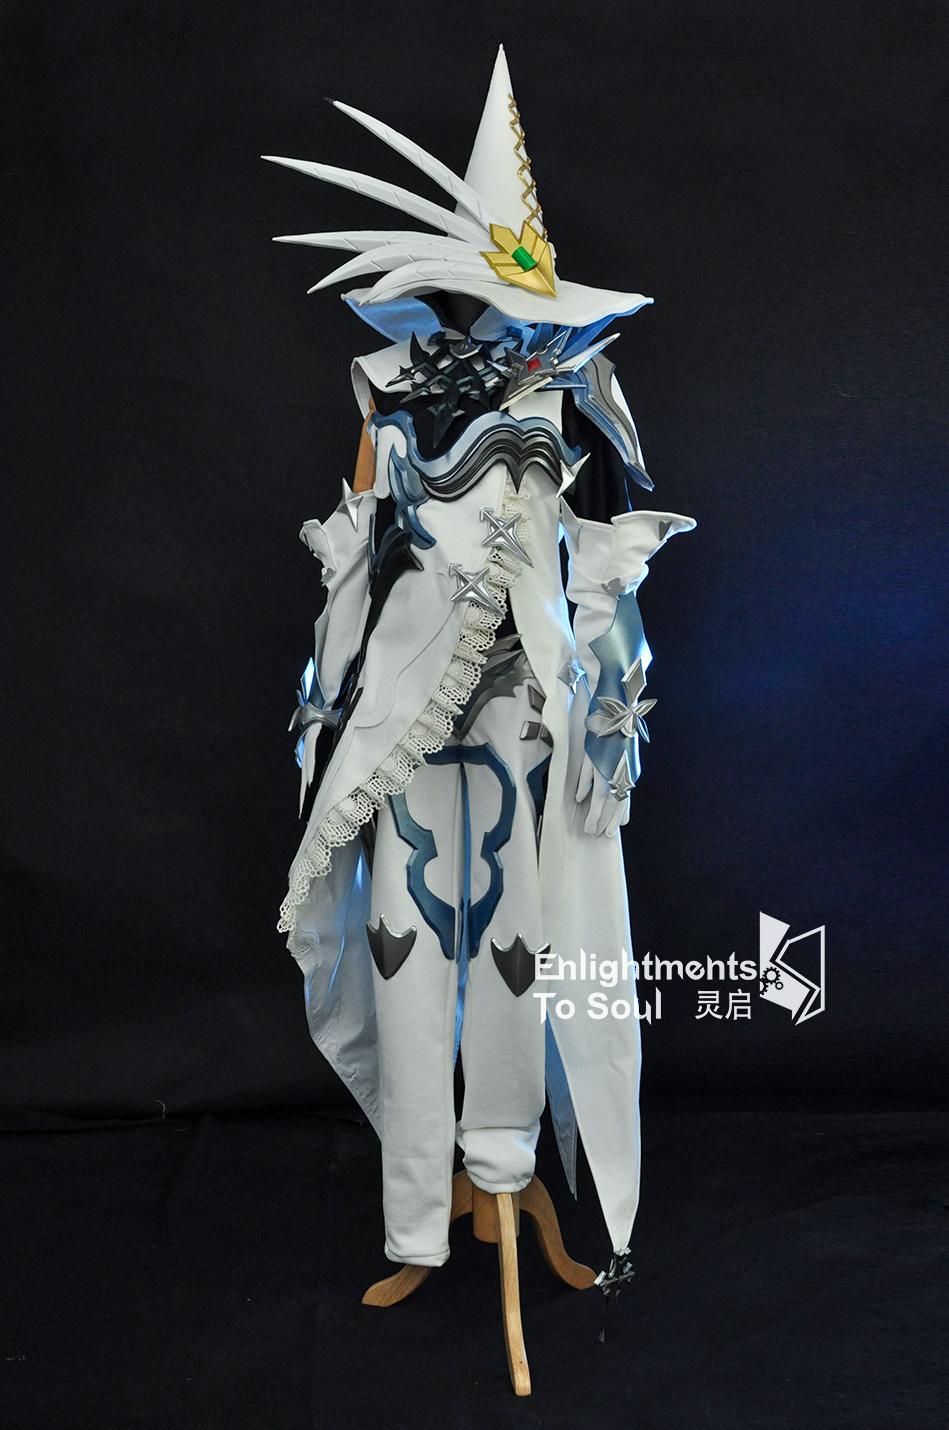 【灵启】最终幻想14 FF14 拉拉菲尔cosplay服装忠实还原量身定制